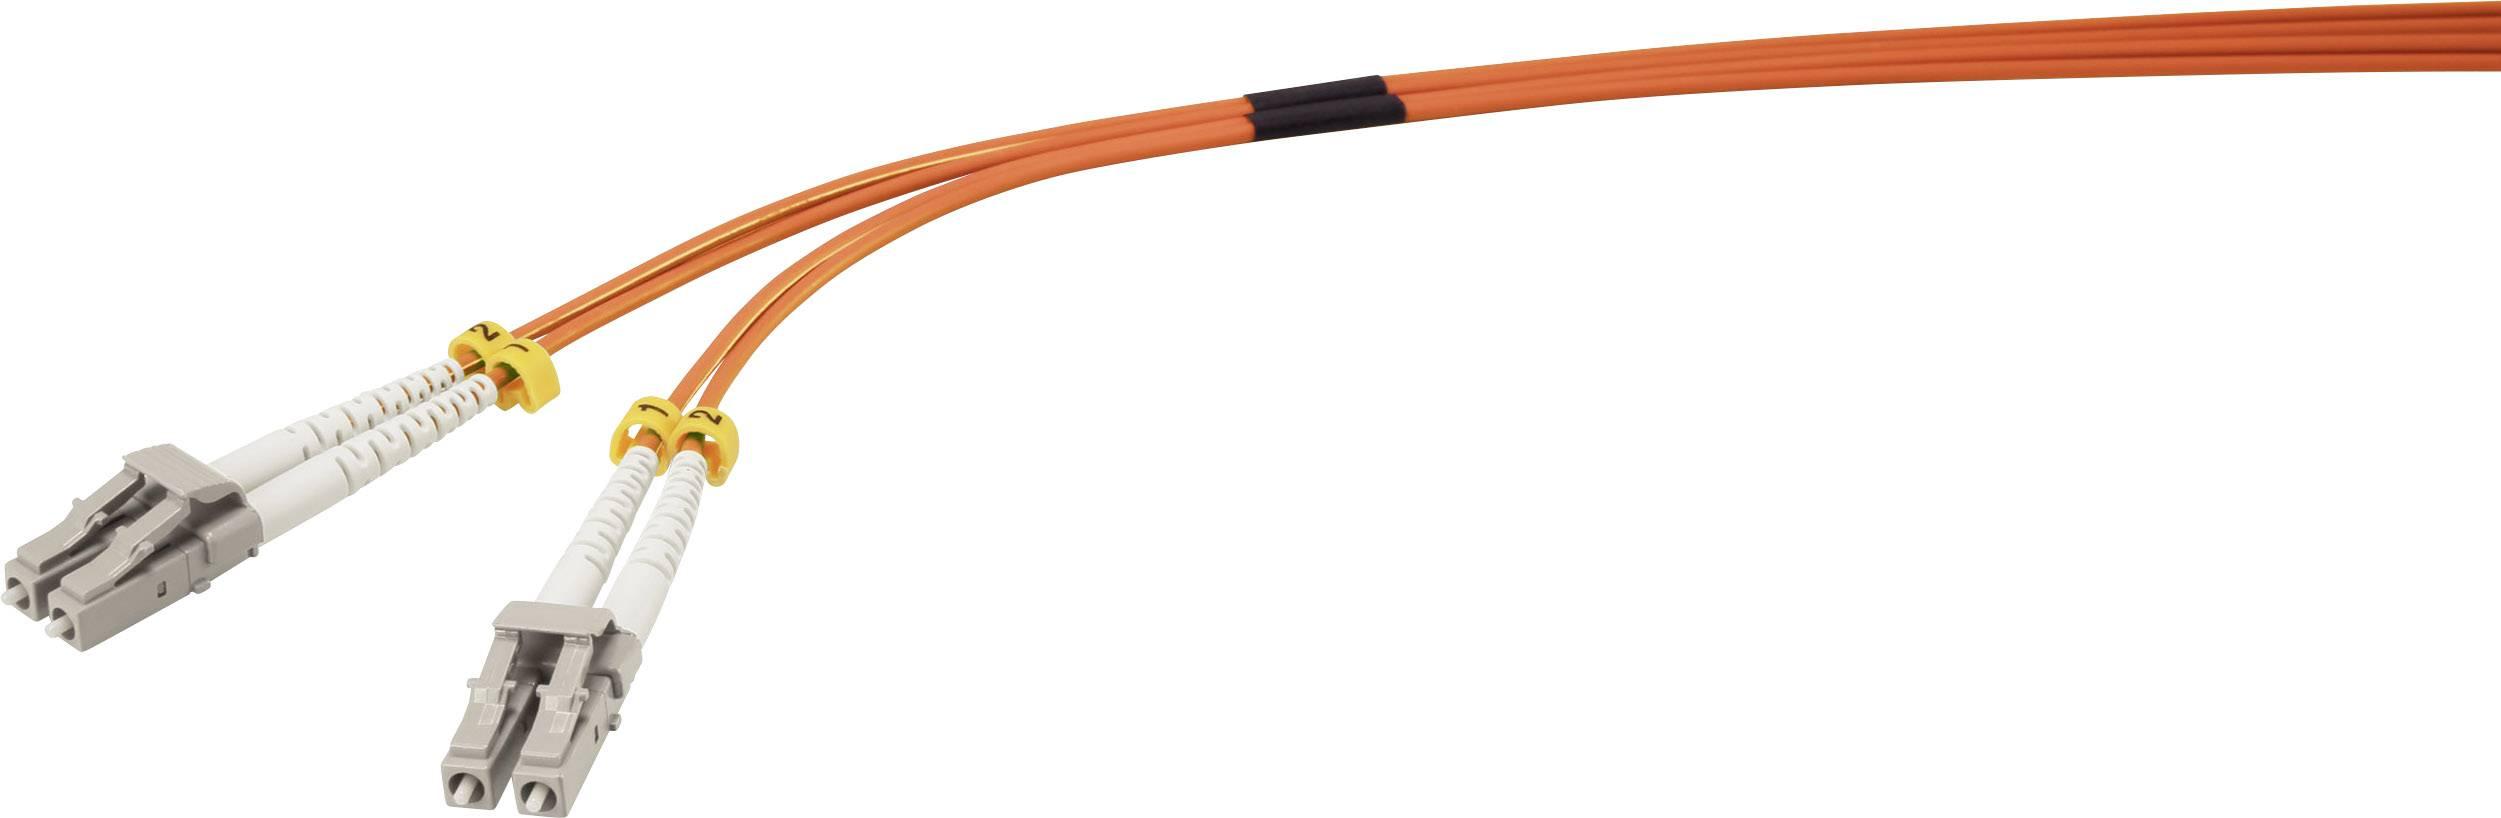 Připojovací optický kabel Renkforce RF-3301832 [1x zástrčka LC - 1x zástrčka LC], 3 m, oranžová